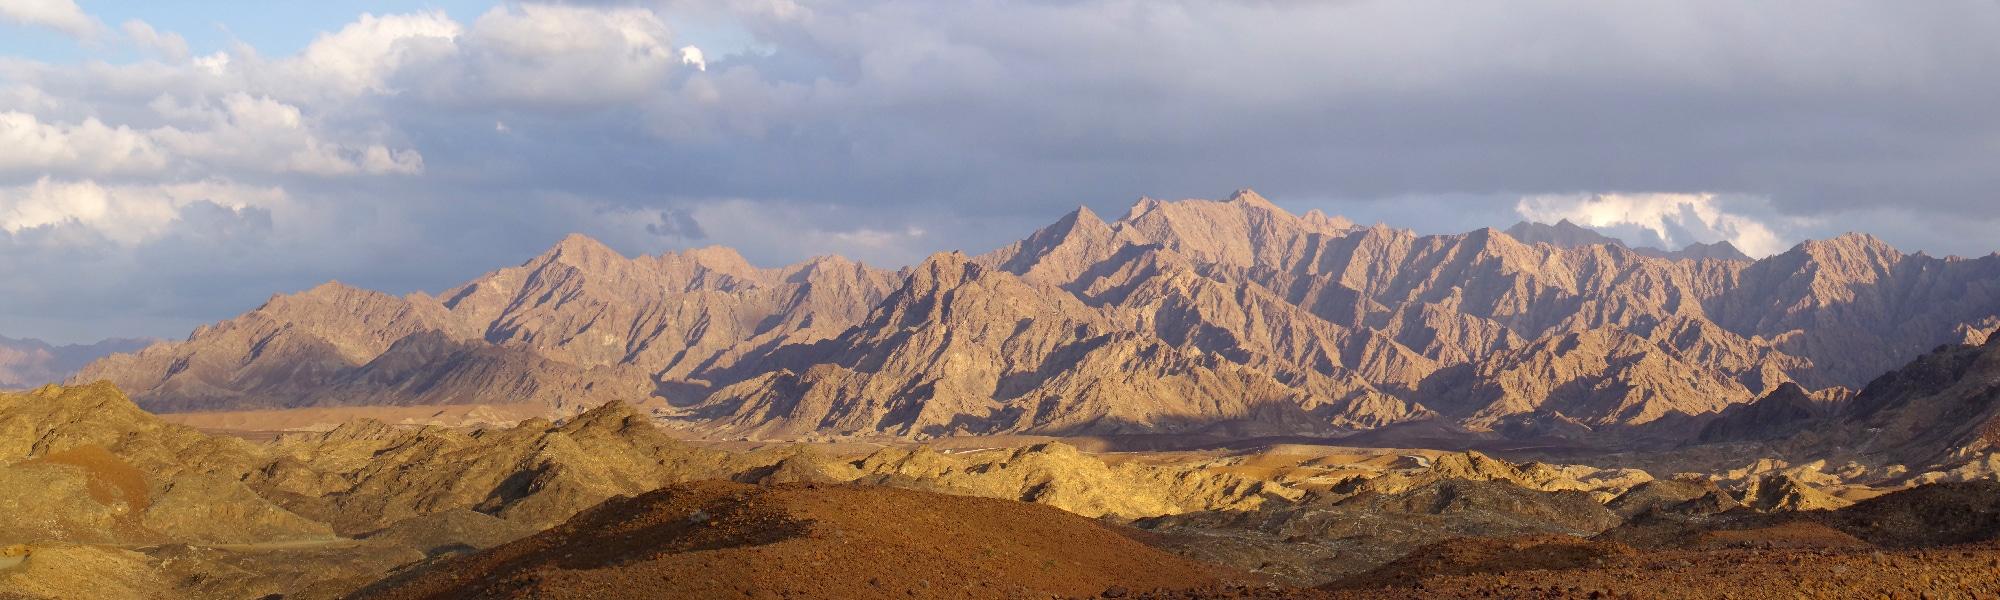 Sur notre route pour Sohar, ce magnifique coucher de soleil qui illumine le paysage désertique.